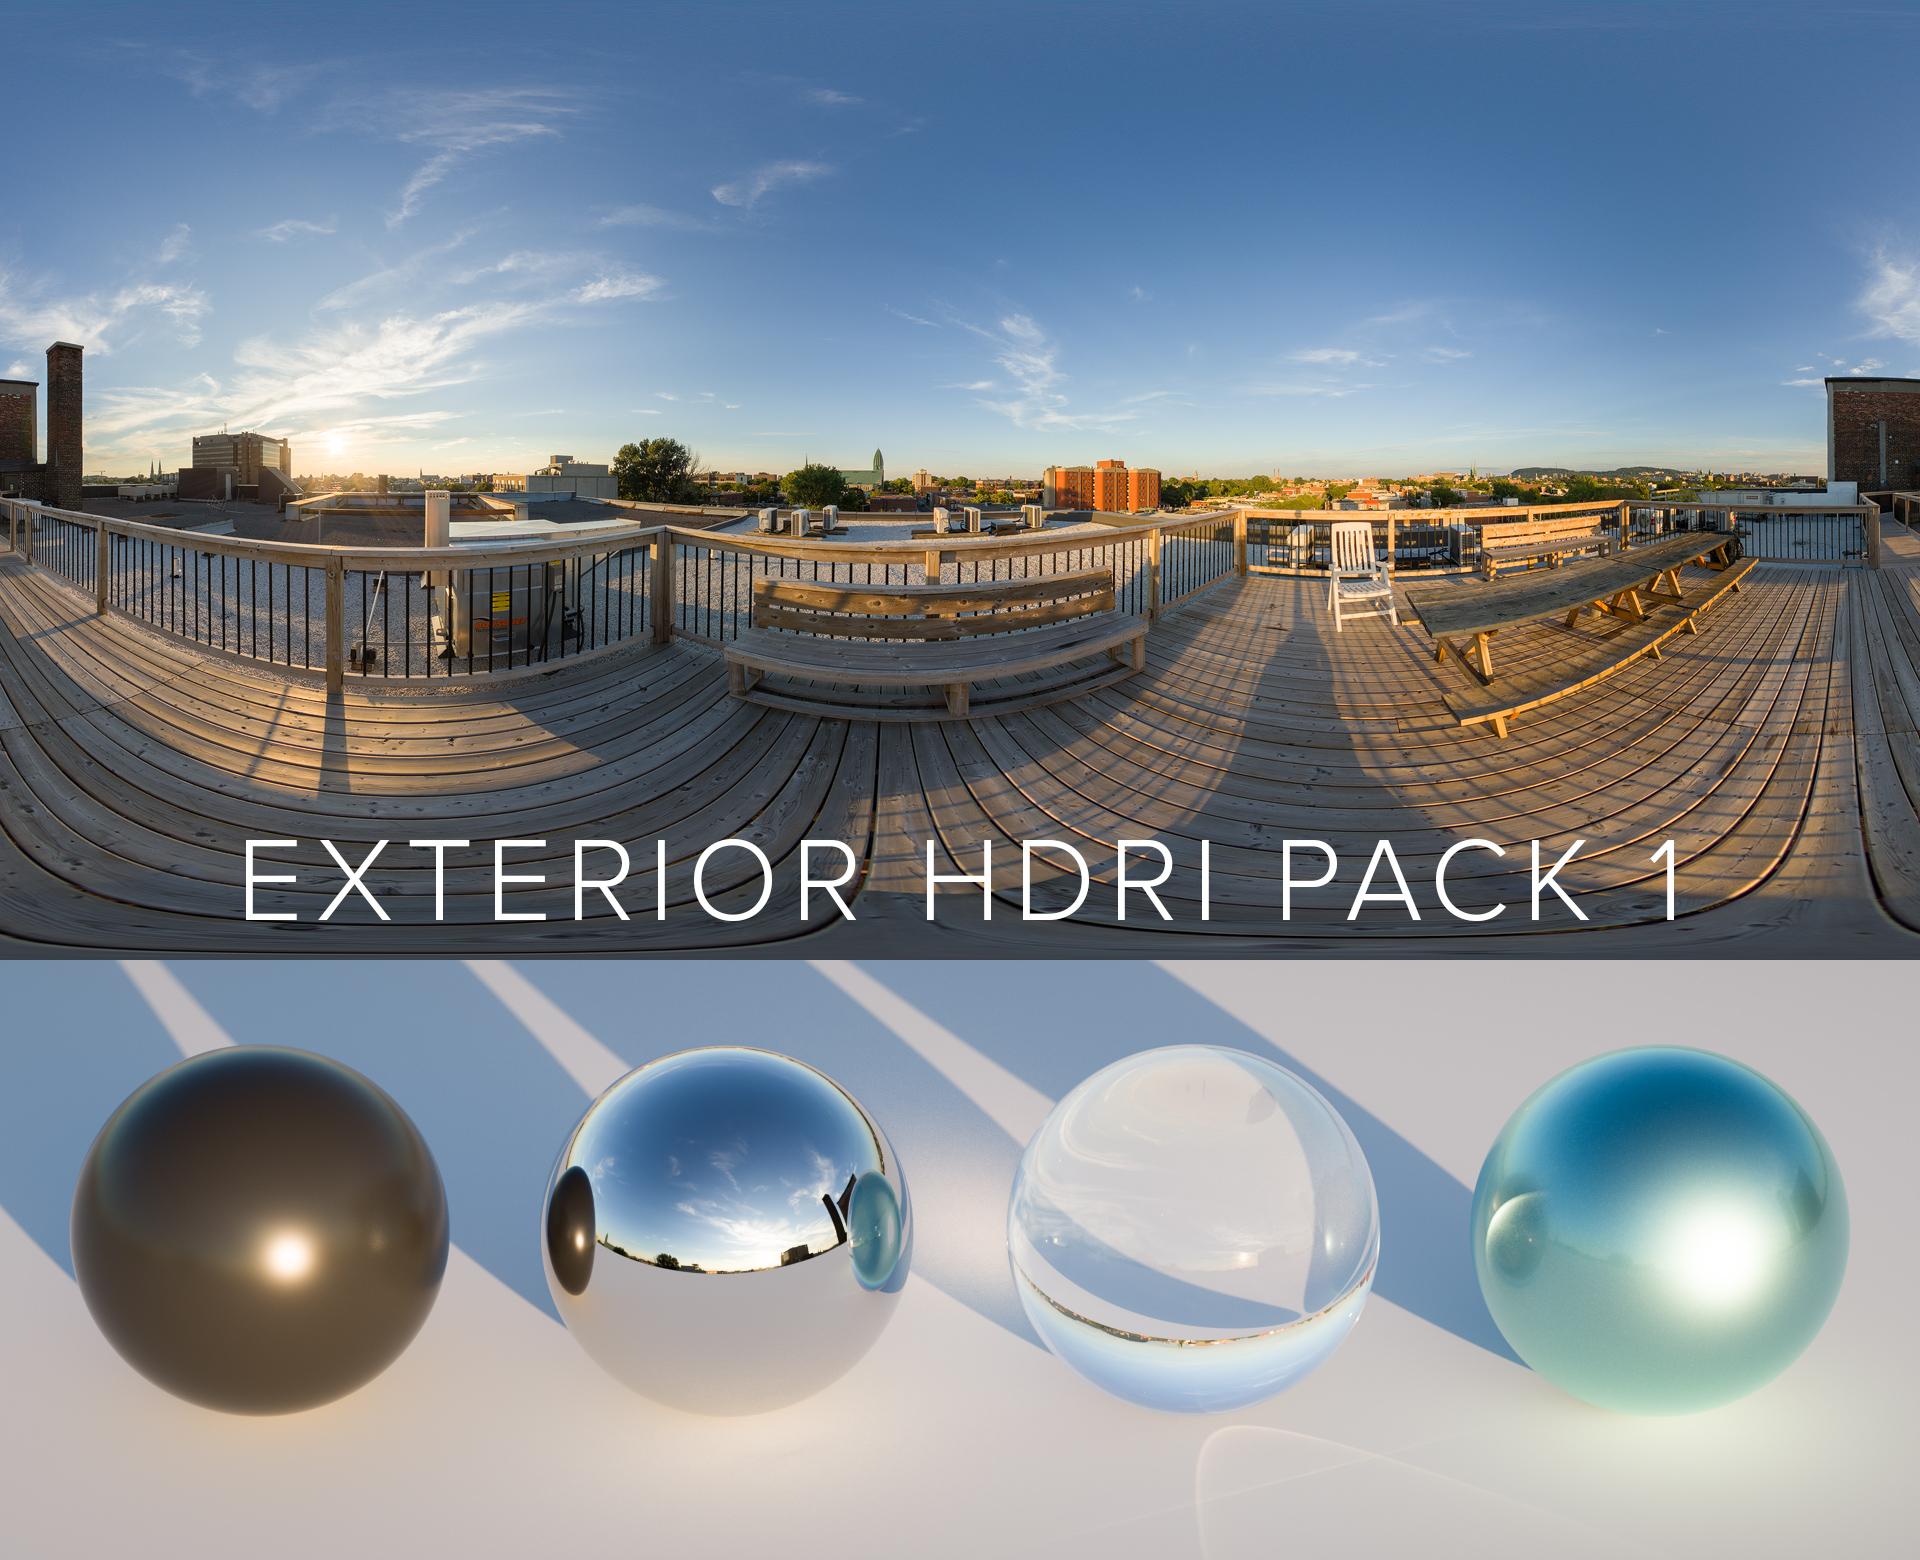 exterior_hdri_pack_1-preview.jpg